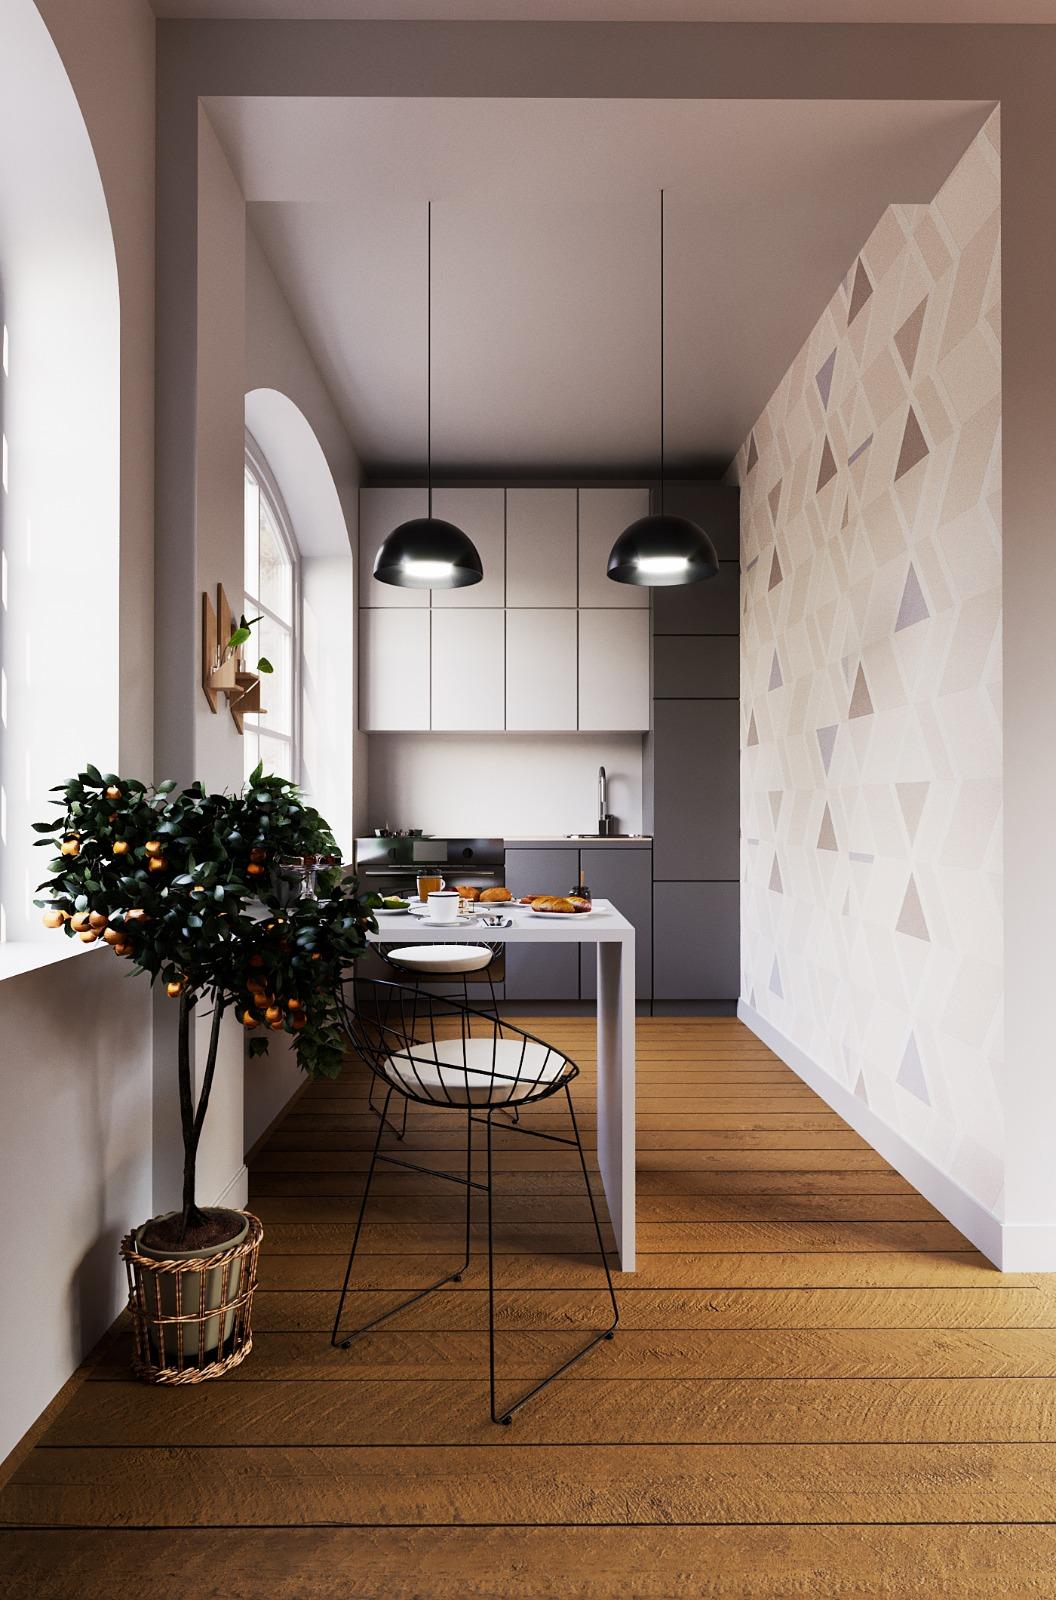 Scandinavian style kitchen